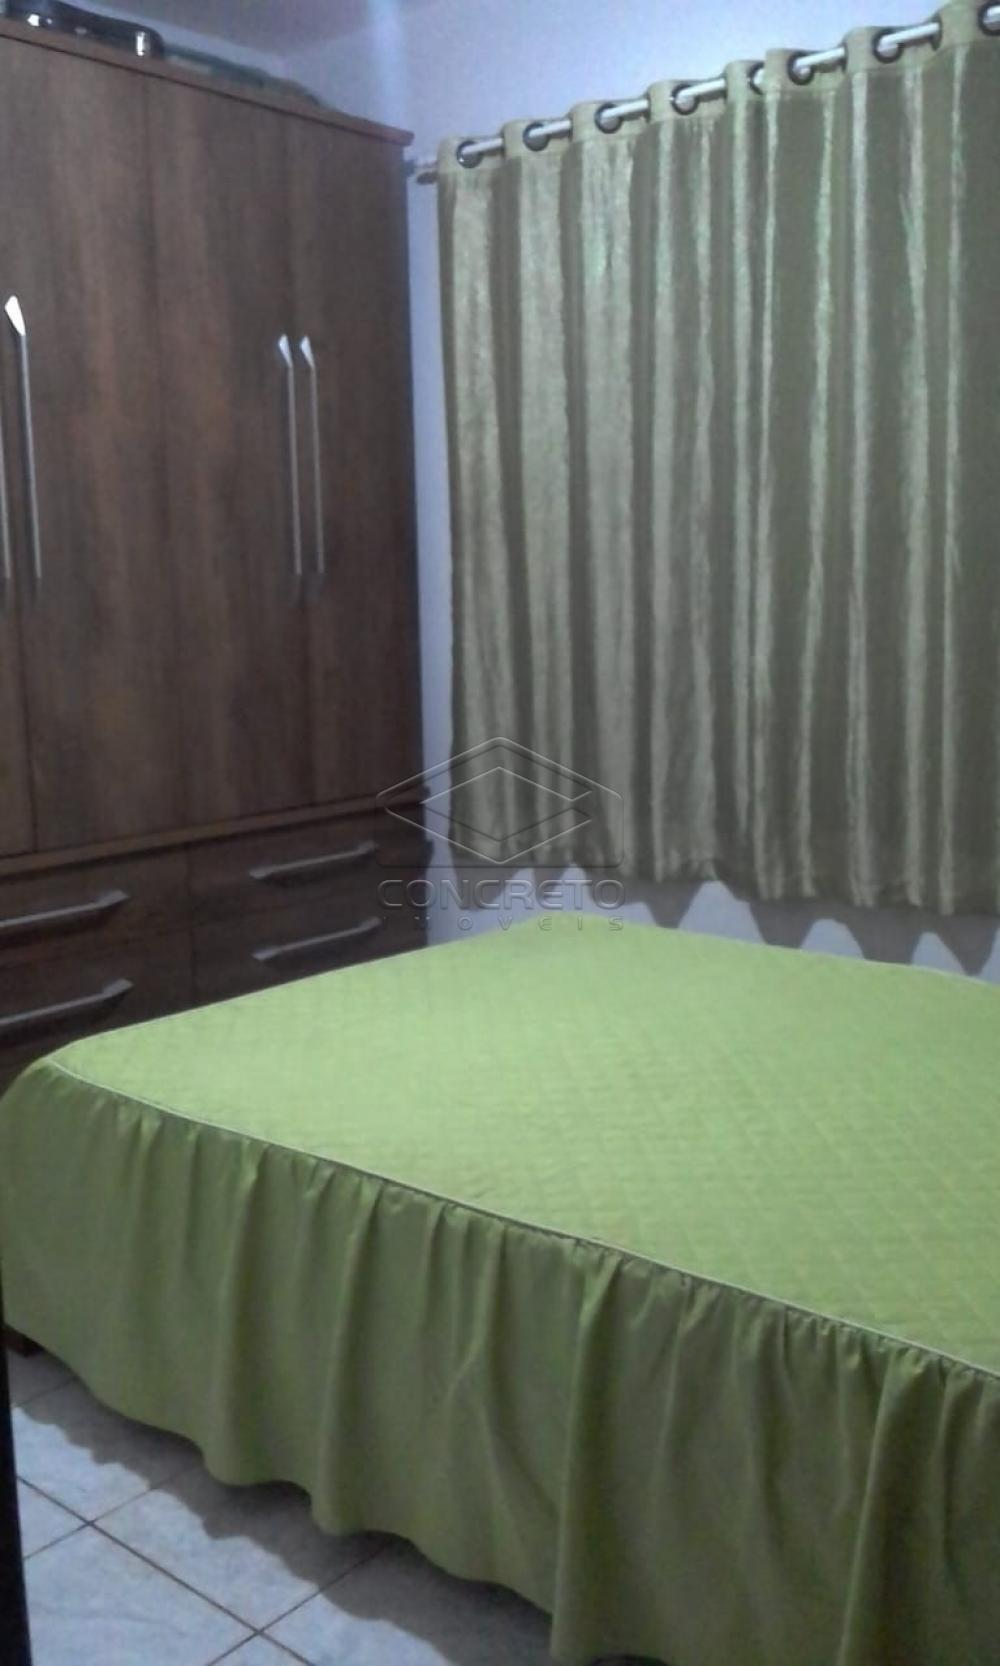 Comprar Casa / Padrão em Bauru apenas R$ 200.000,00 - Foto 9